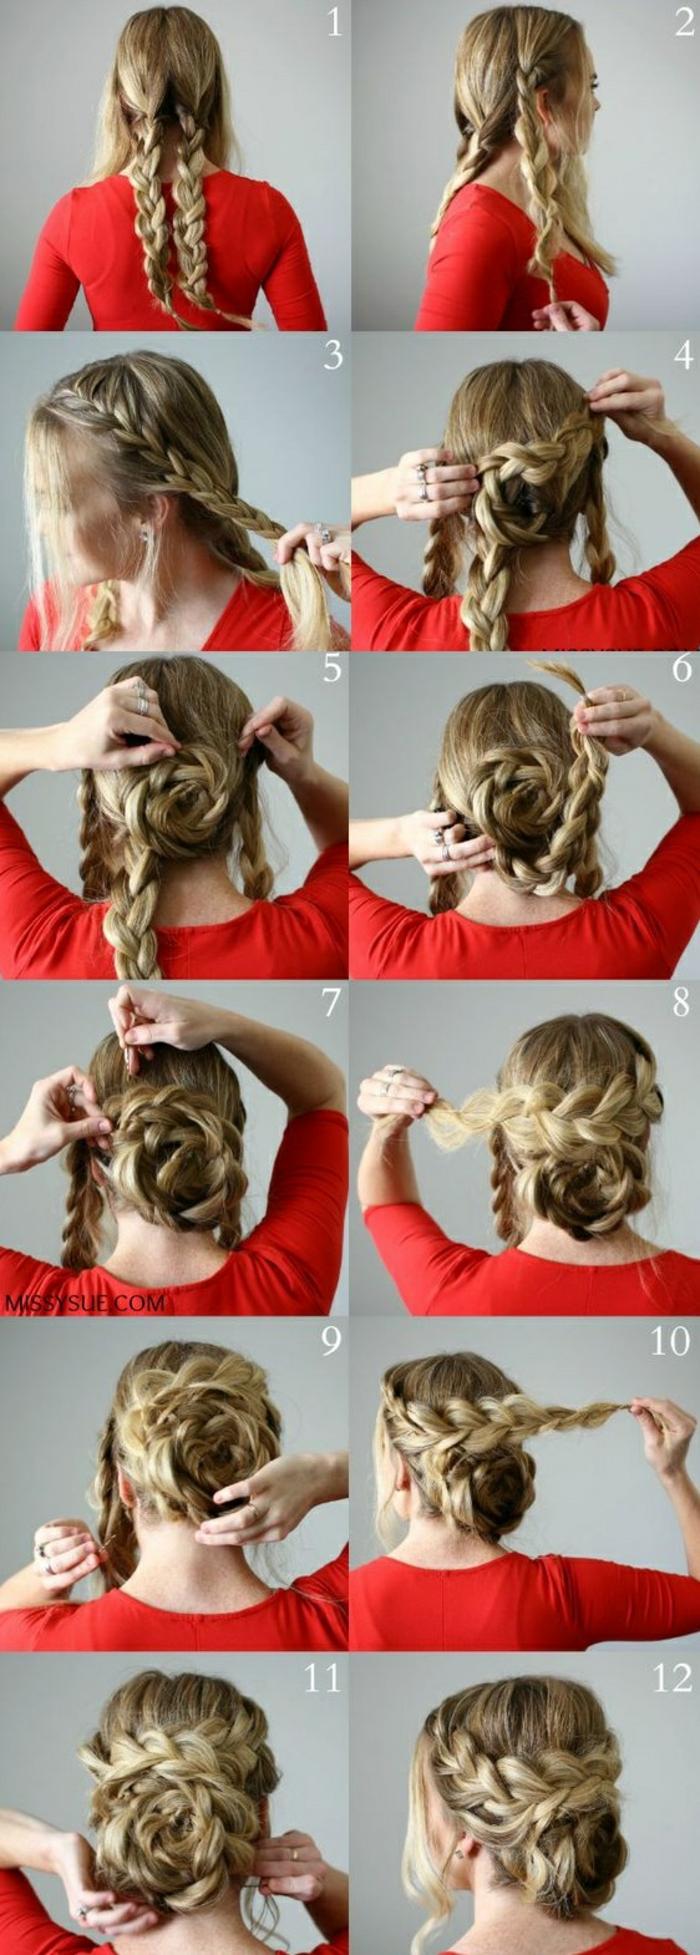 frau mit blonden haaren, roter bluse und hübscher flechtfrisur